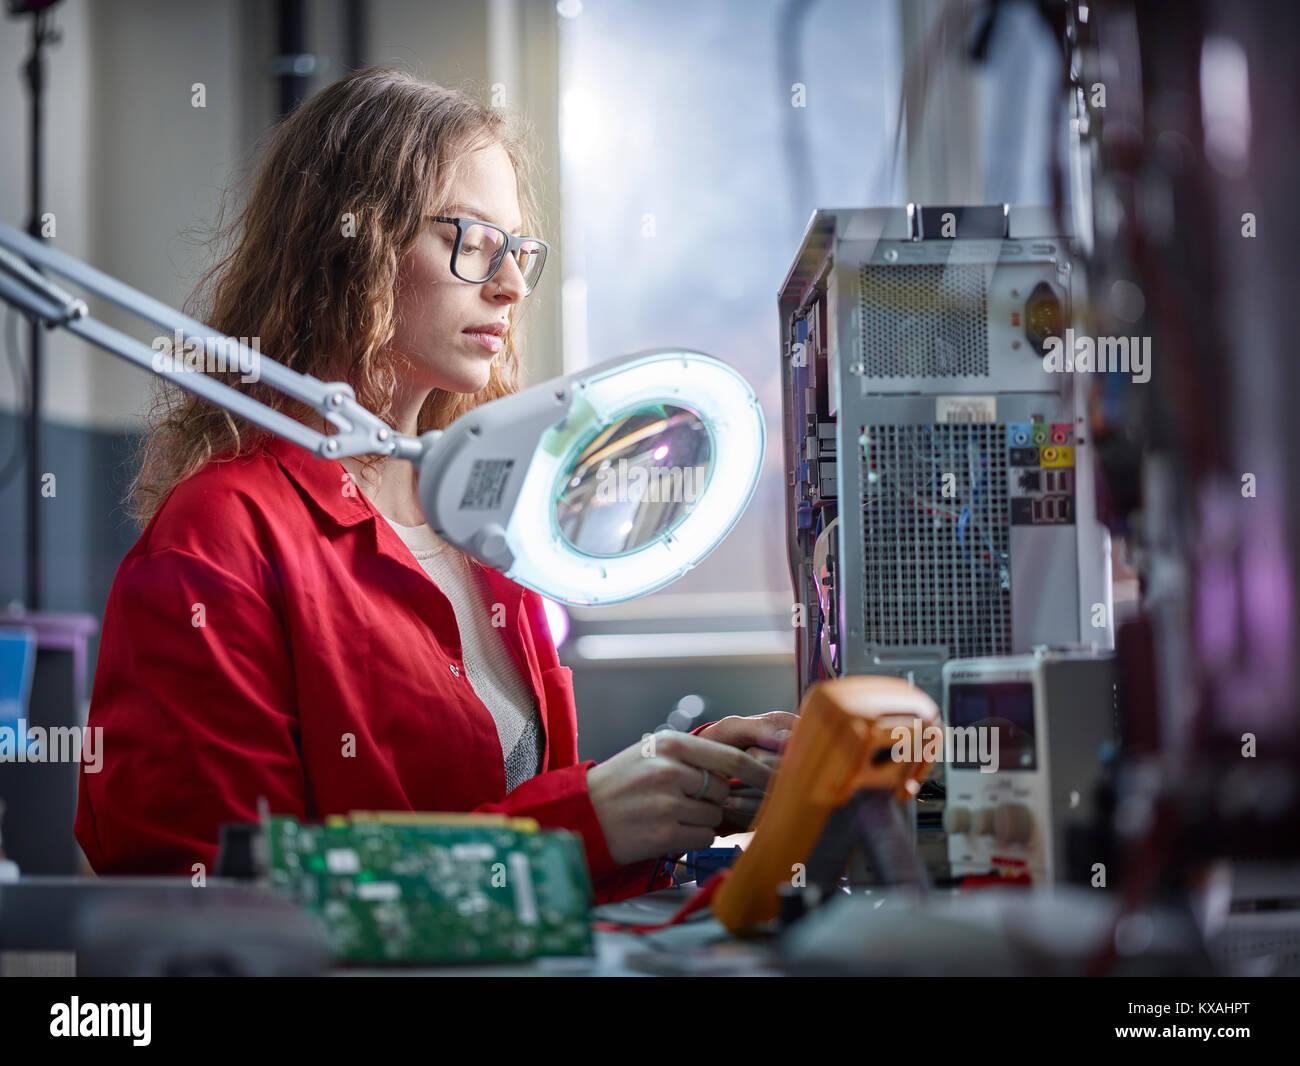 Techniker Maßnahmen mit einem Messgerät in einem Elektronik Labor, Österreich Stockbild